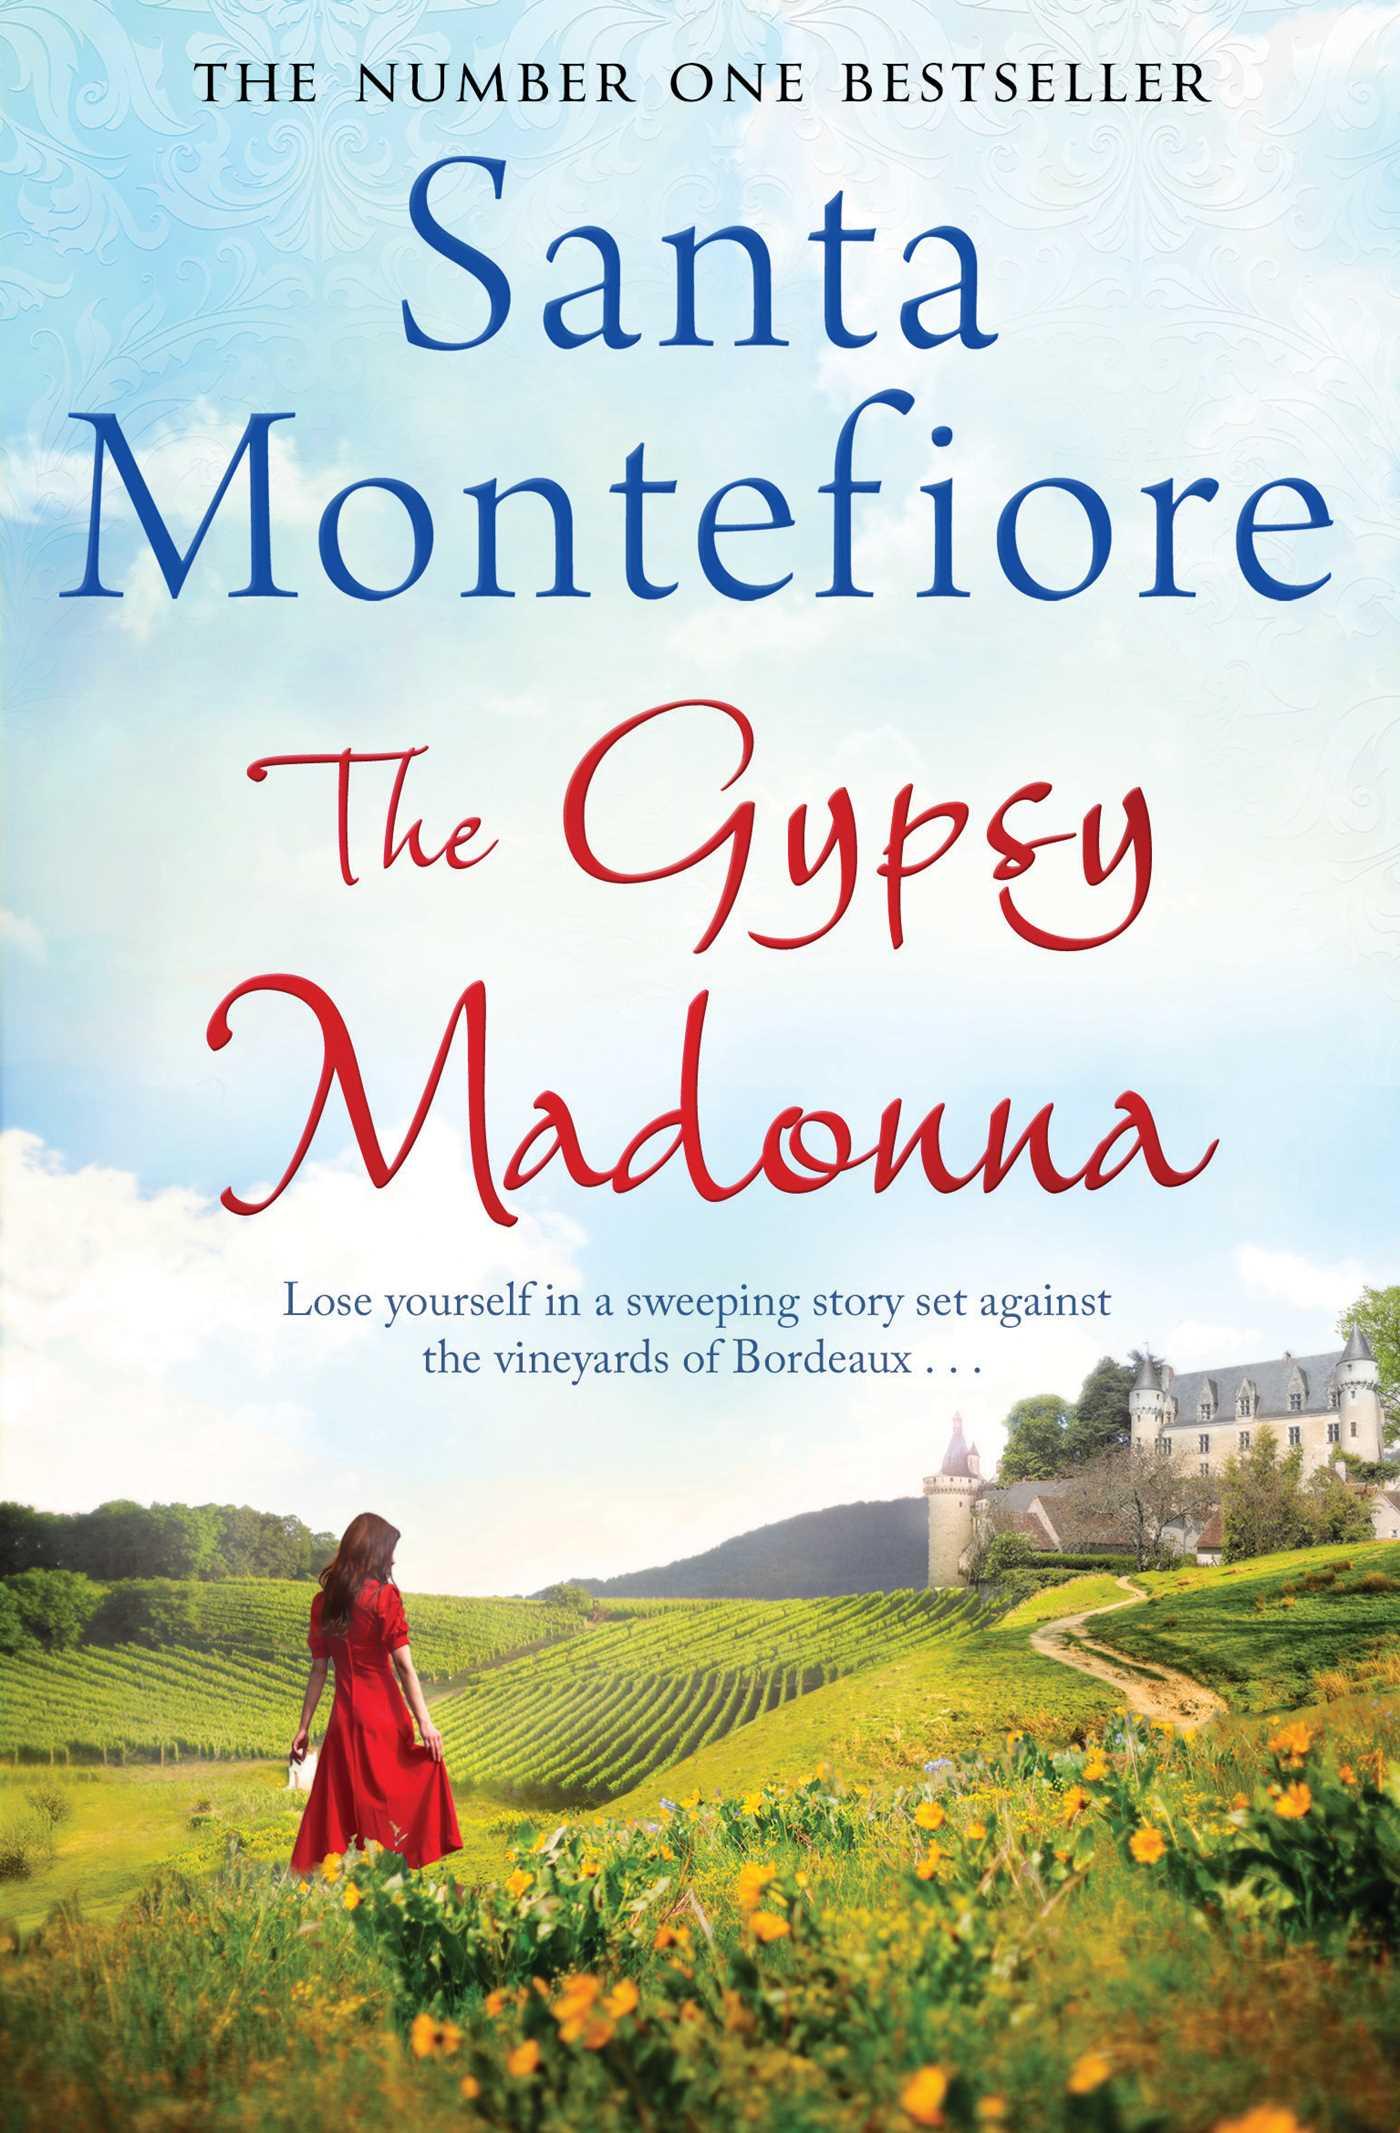 The gypsy madonna 9781471133664 hr